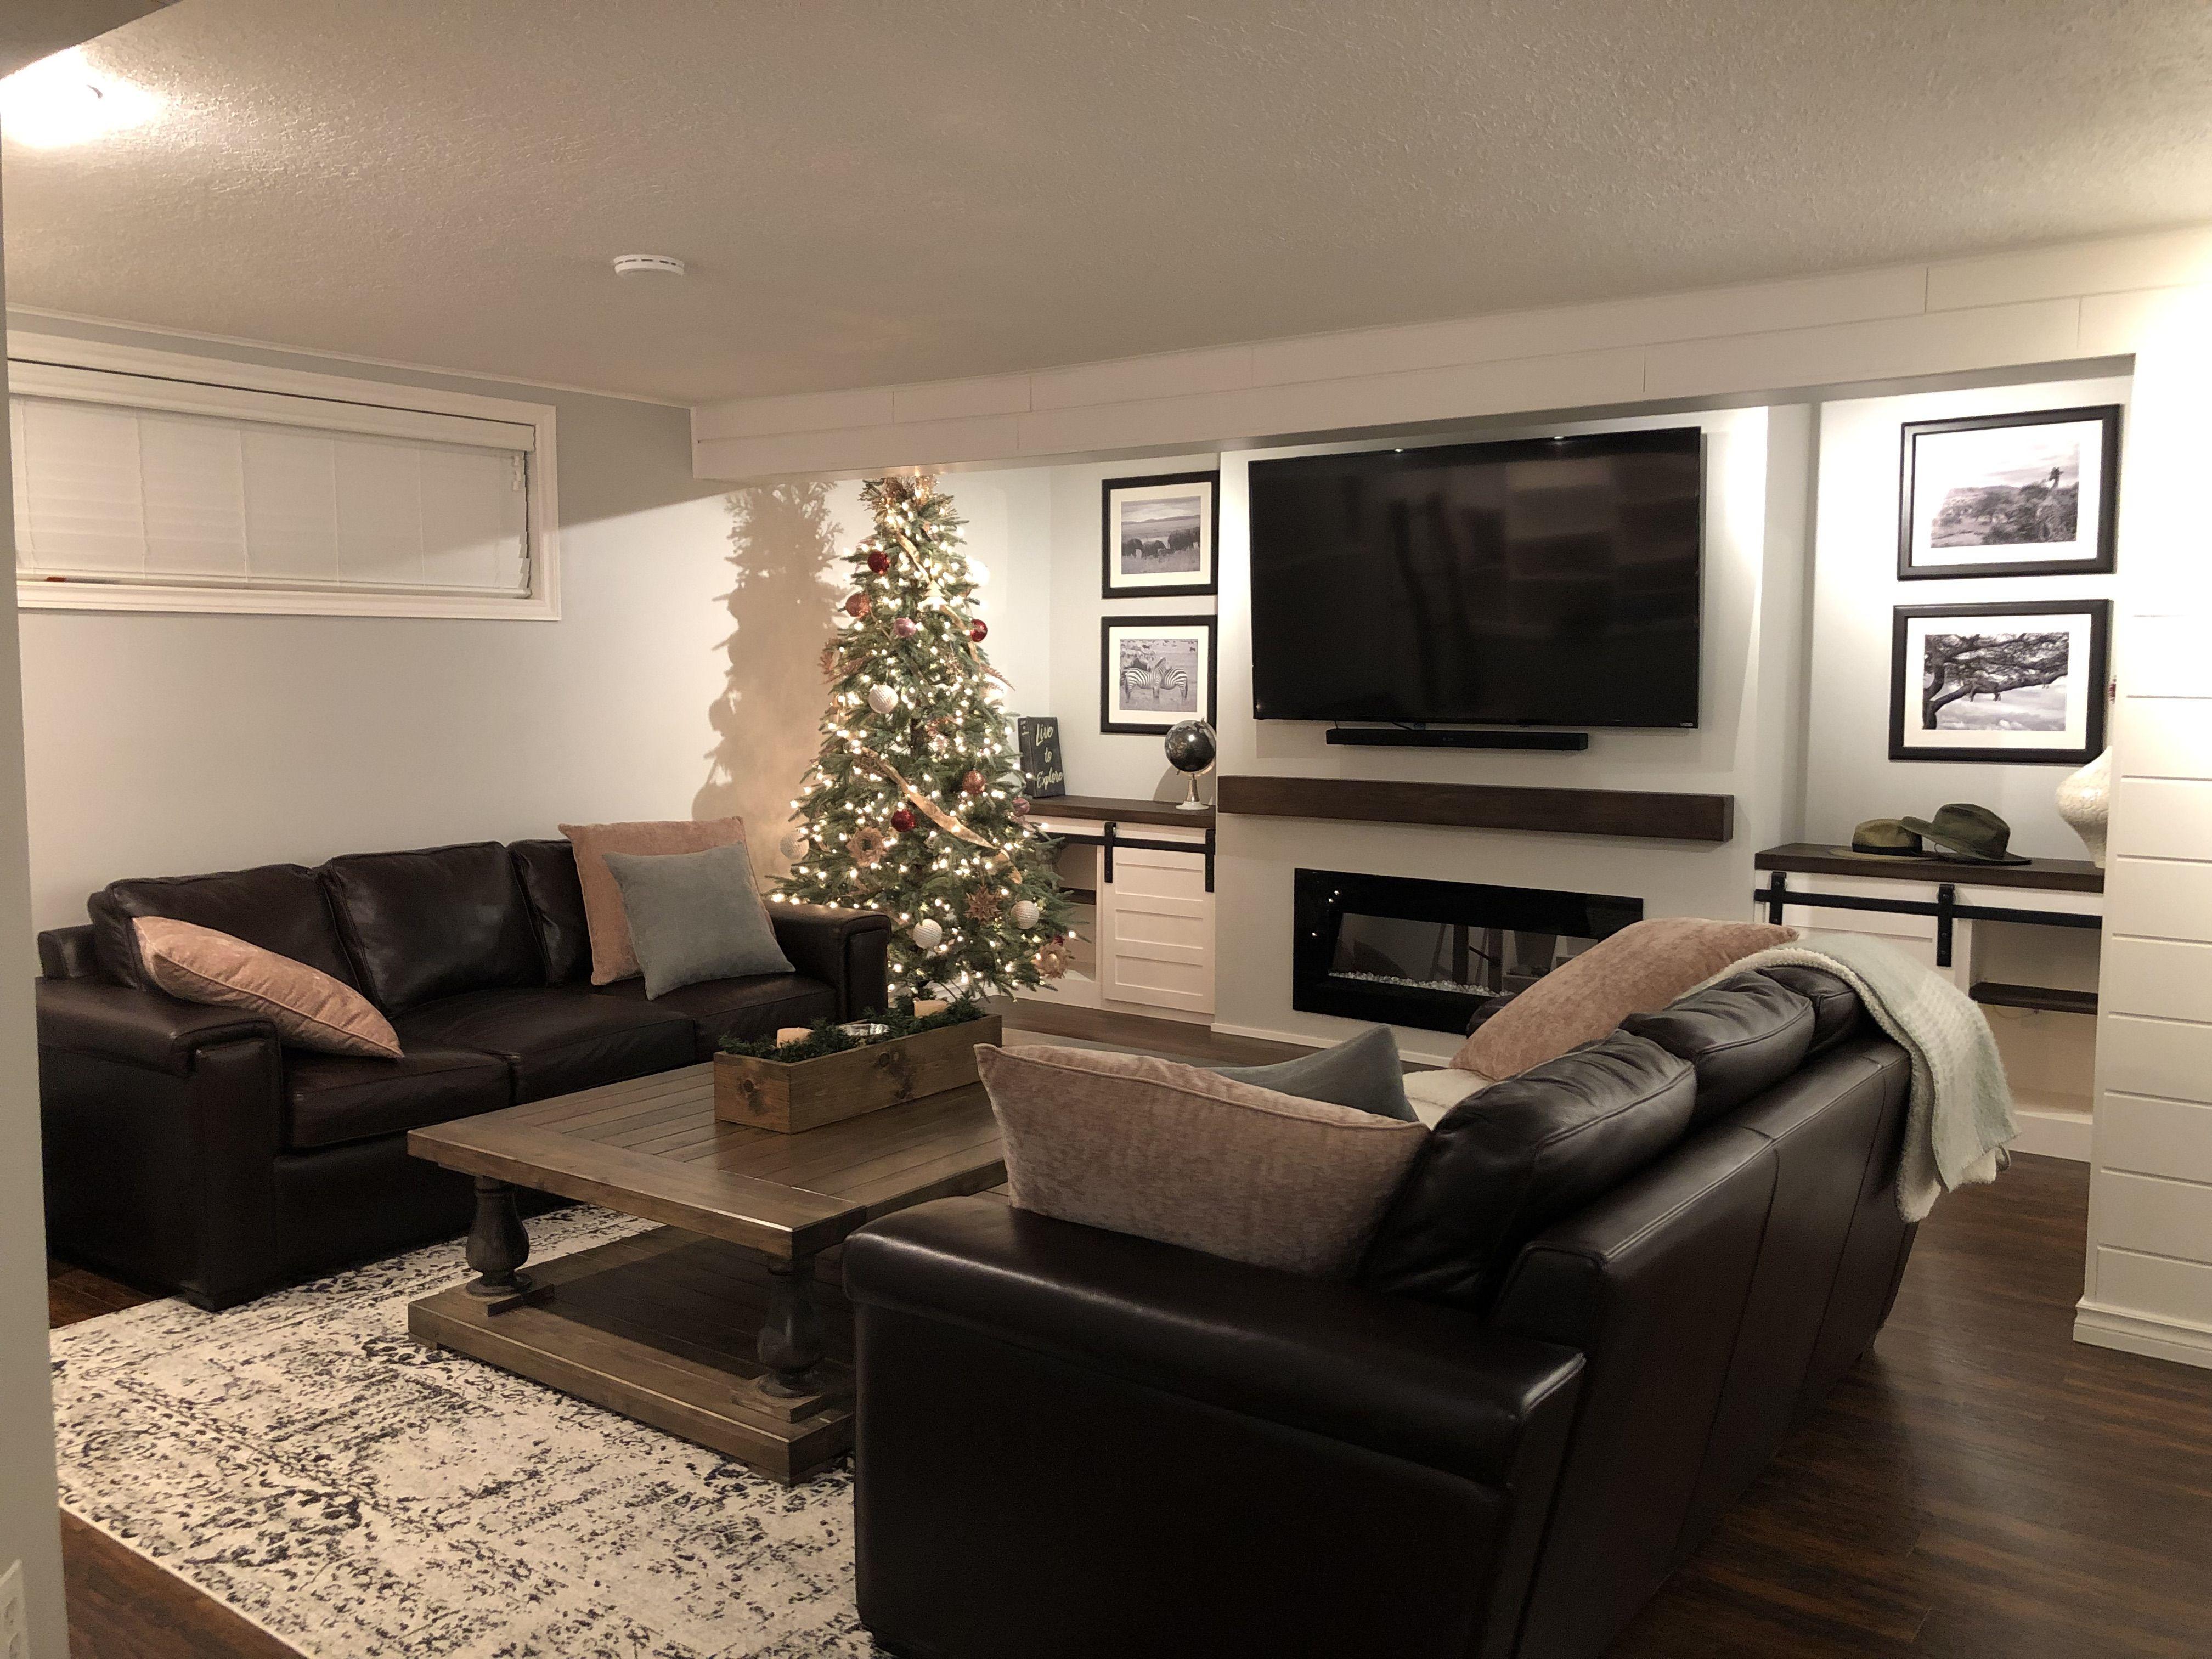 DIY Finished Basement  Diy finish basement, Brown living room